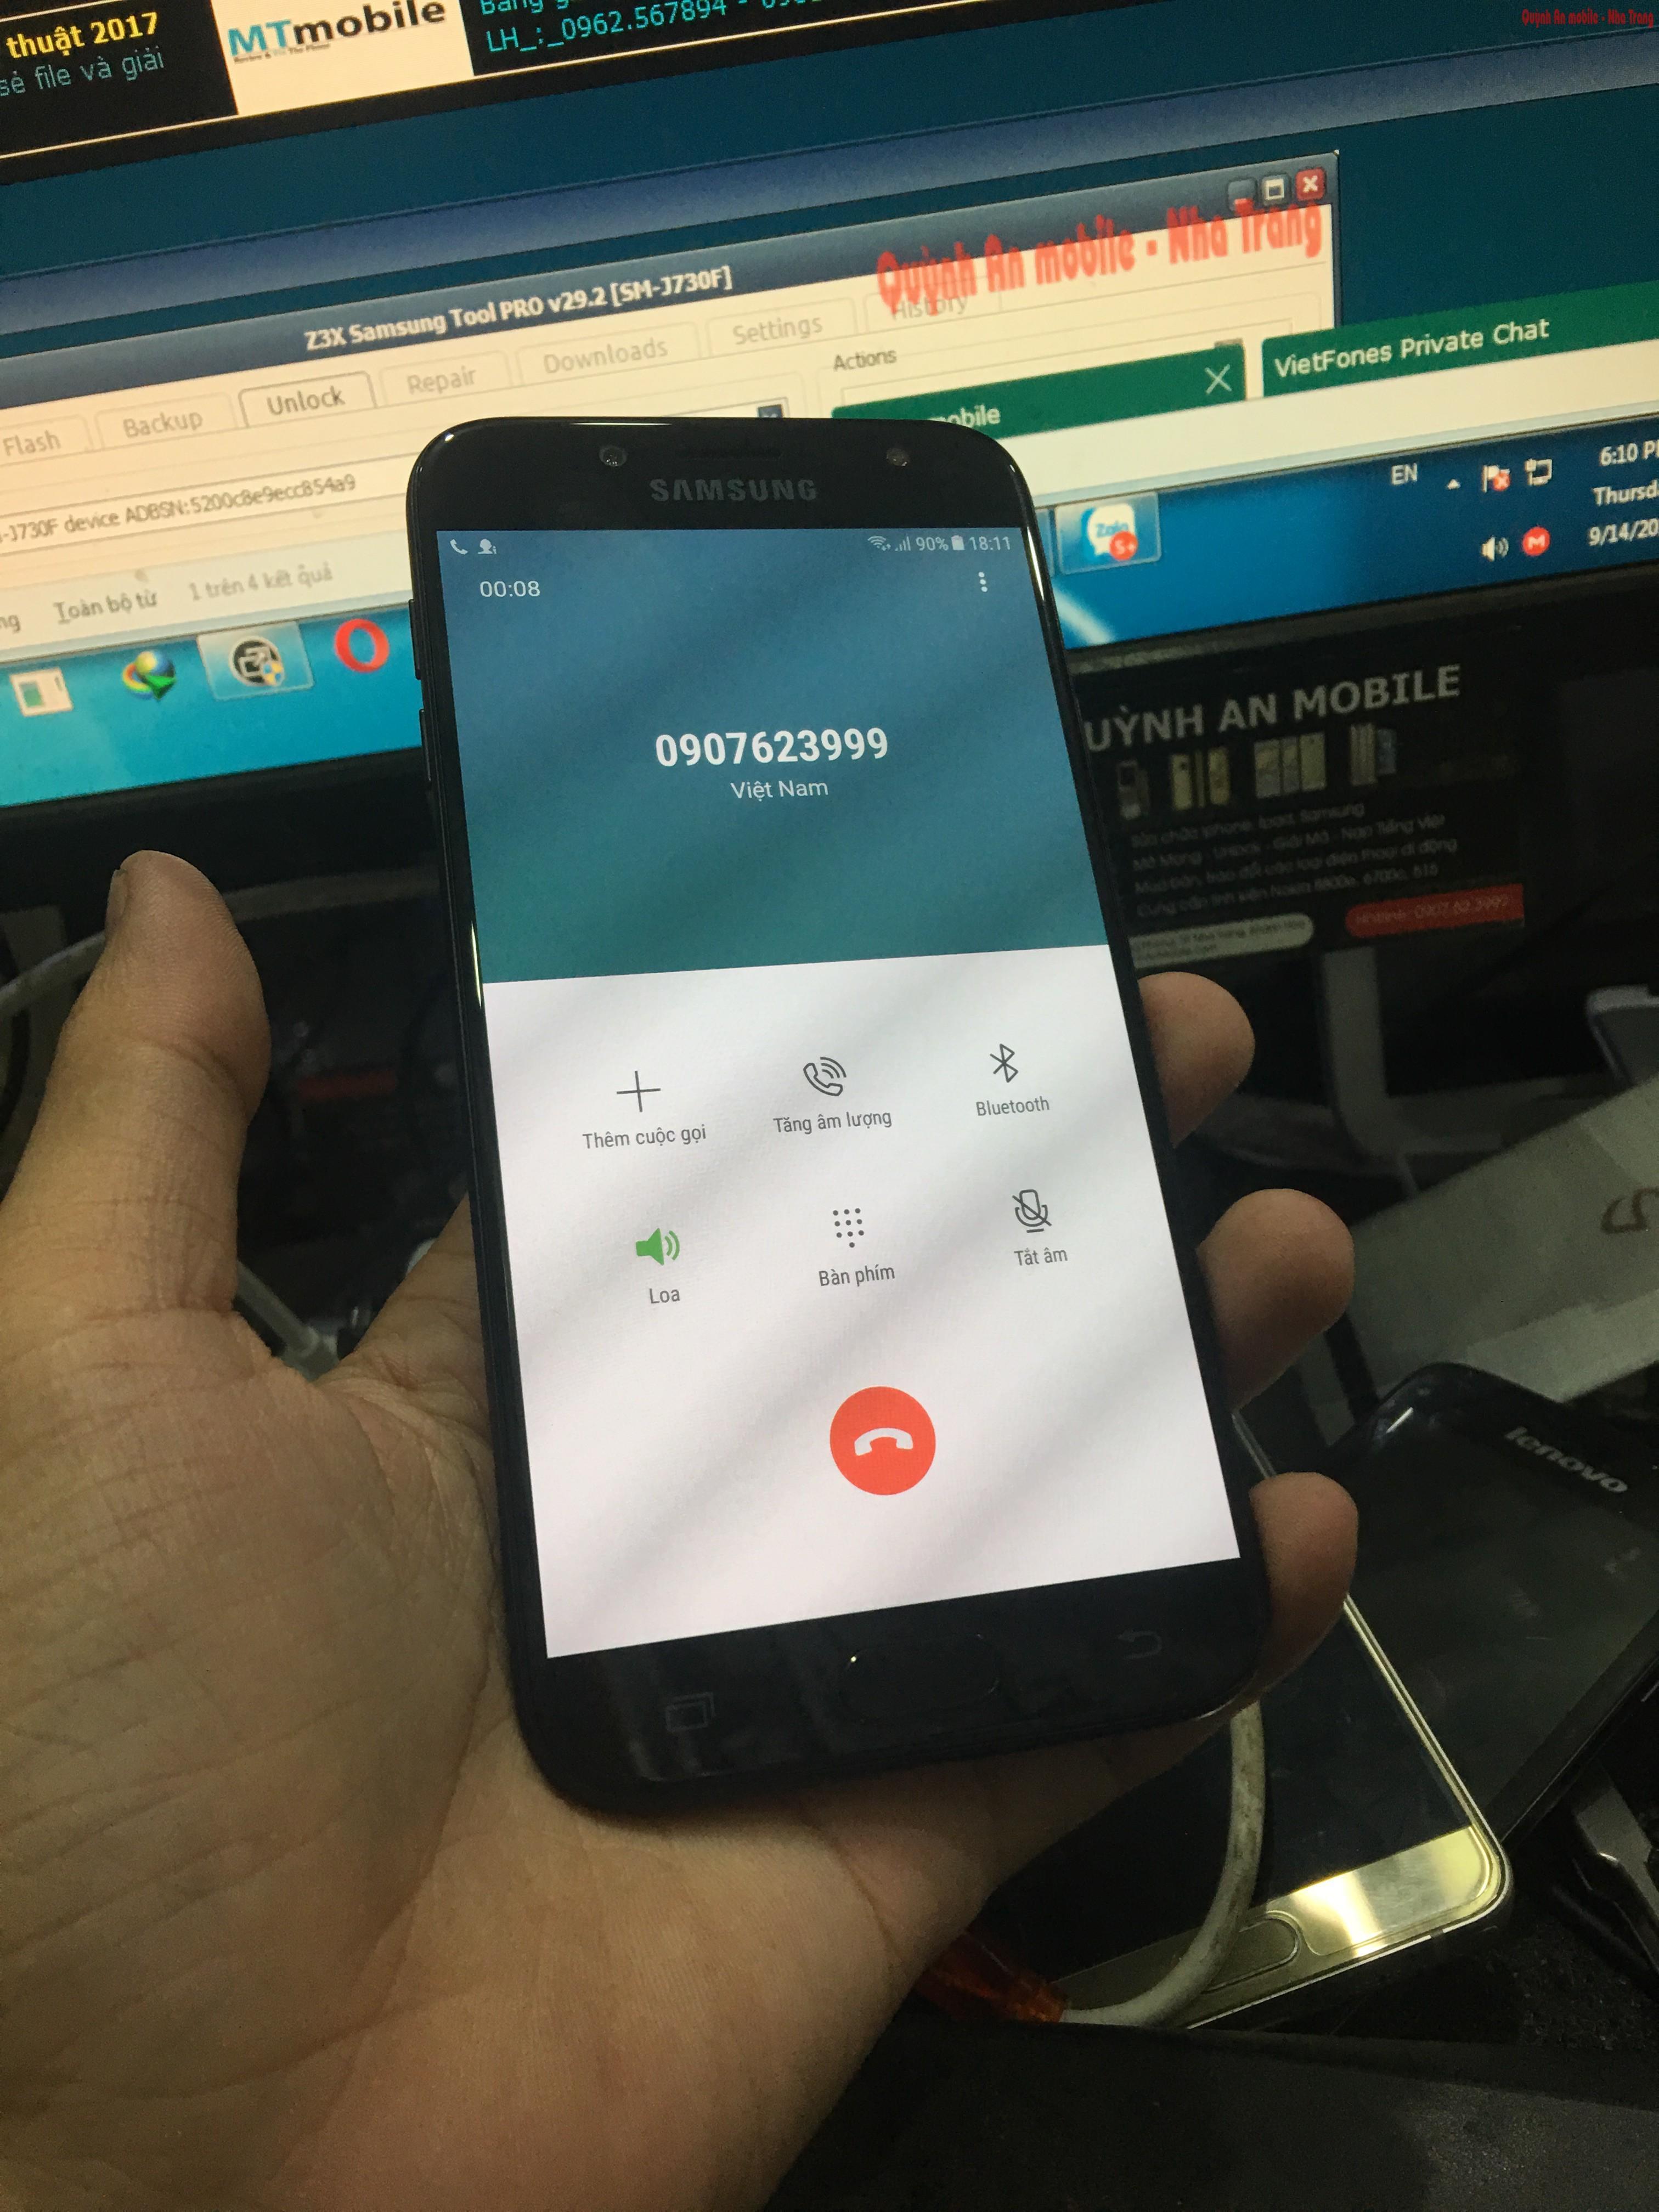 Unlock Samsung galaxy j7 pro SM-J730F tại Nha Trang lấy ngay